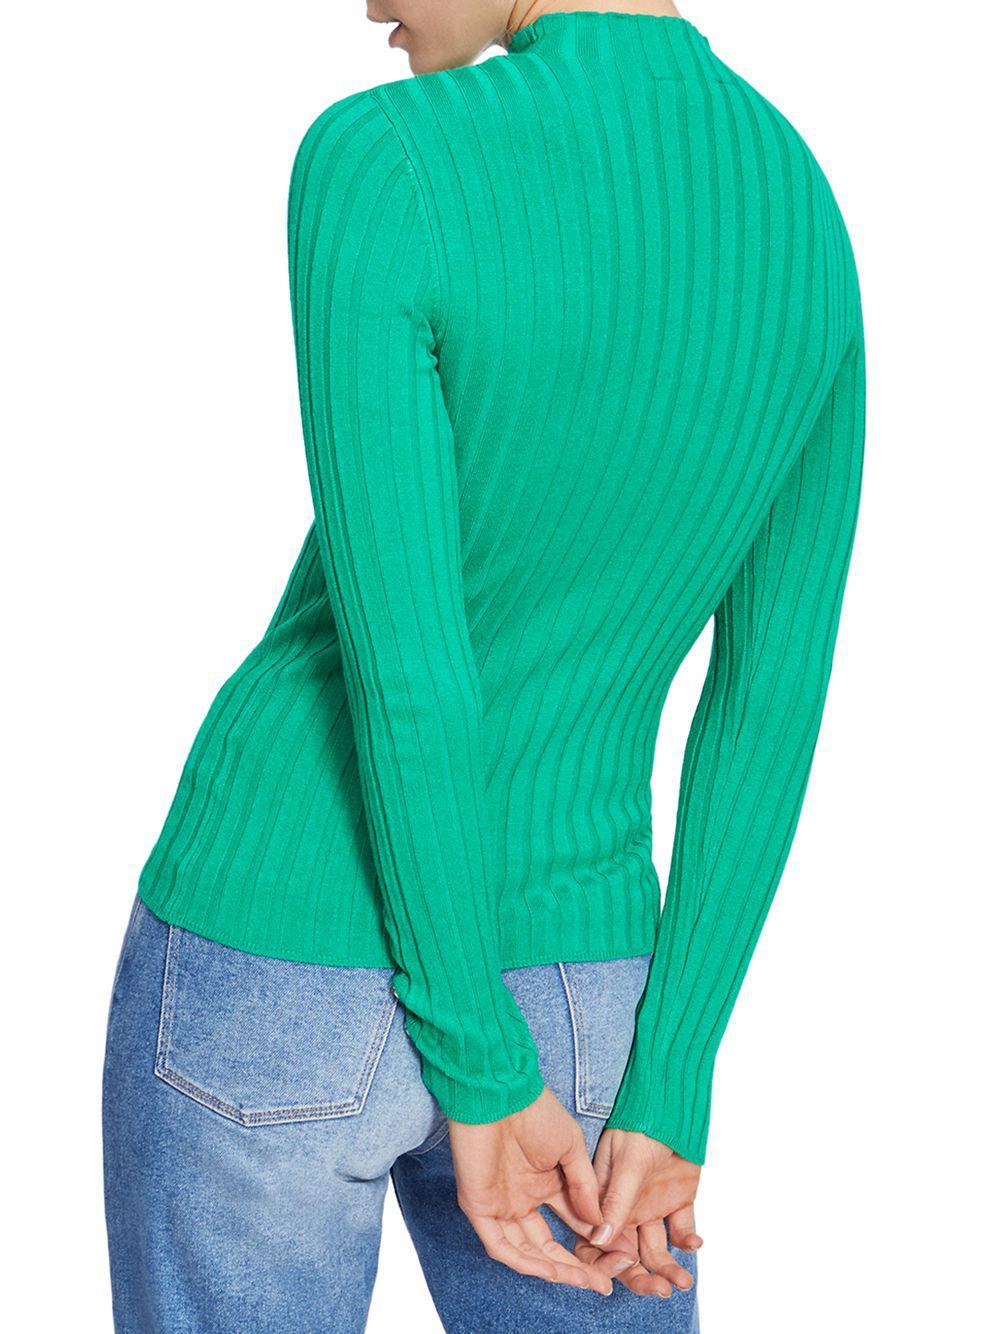 Funnel Lyst In Knitted Green Popper Top Selfridge Neck Miss aRRnft4